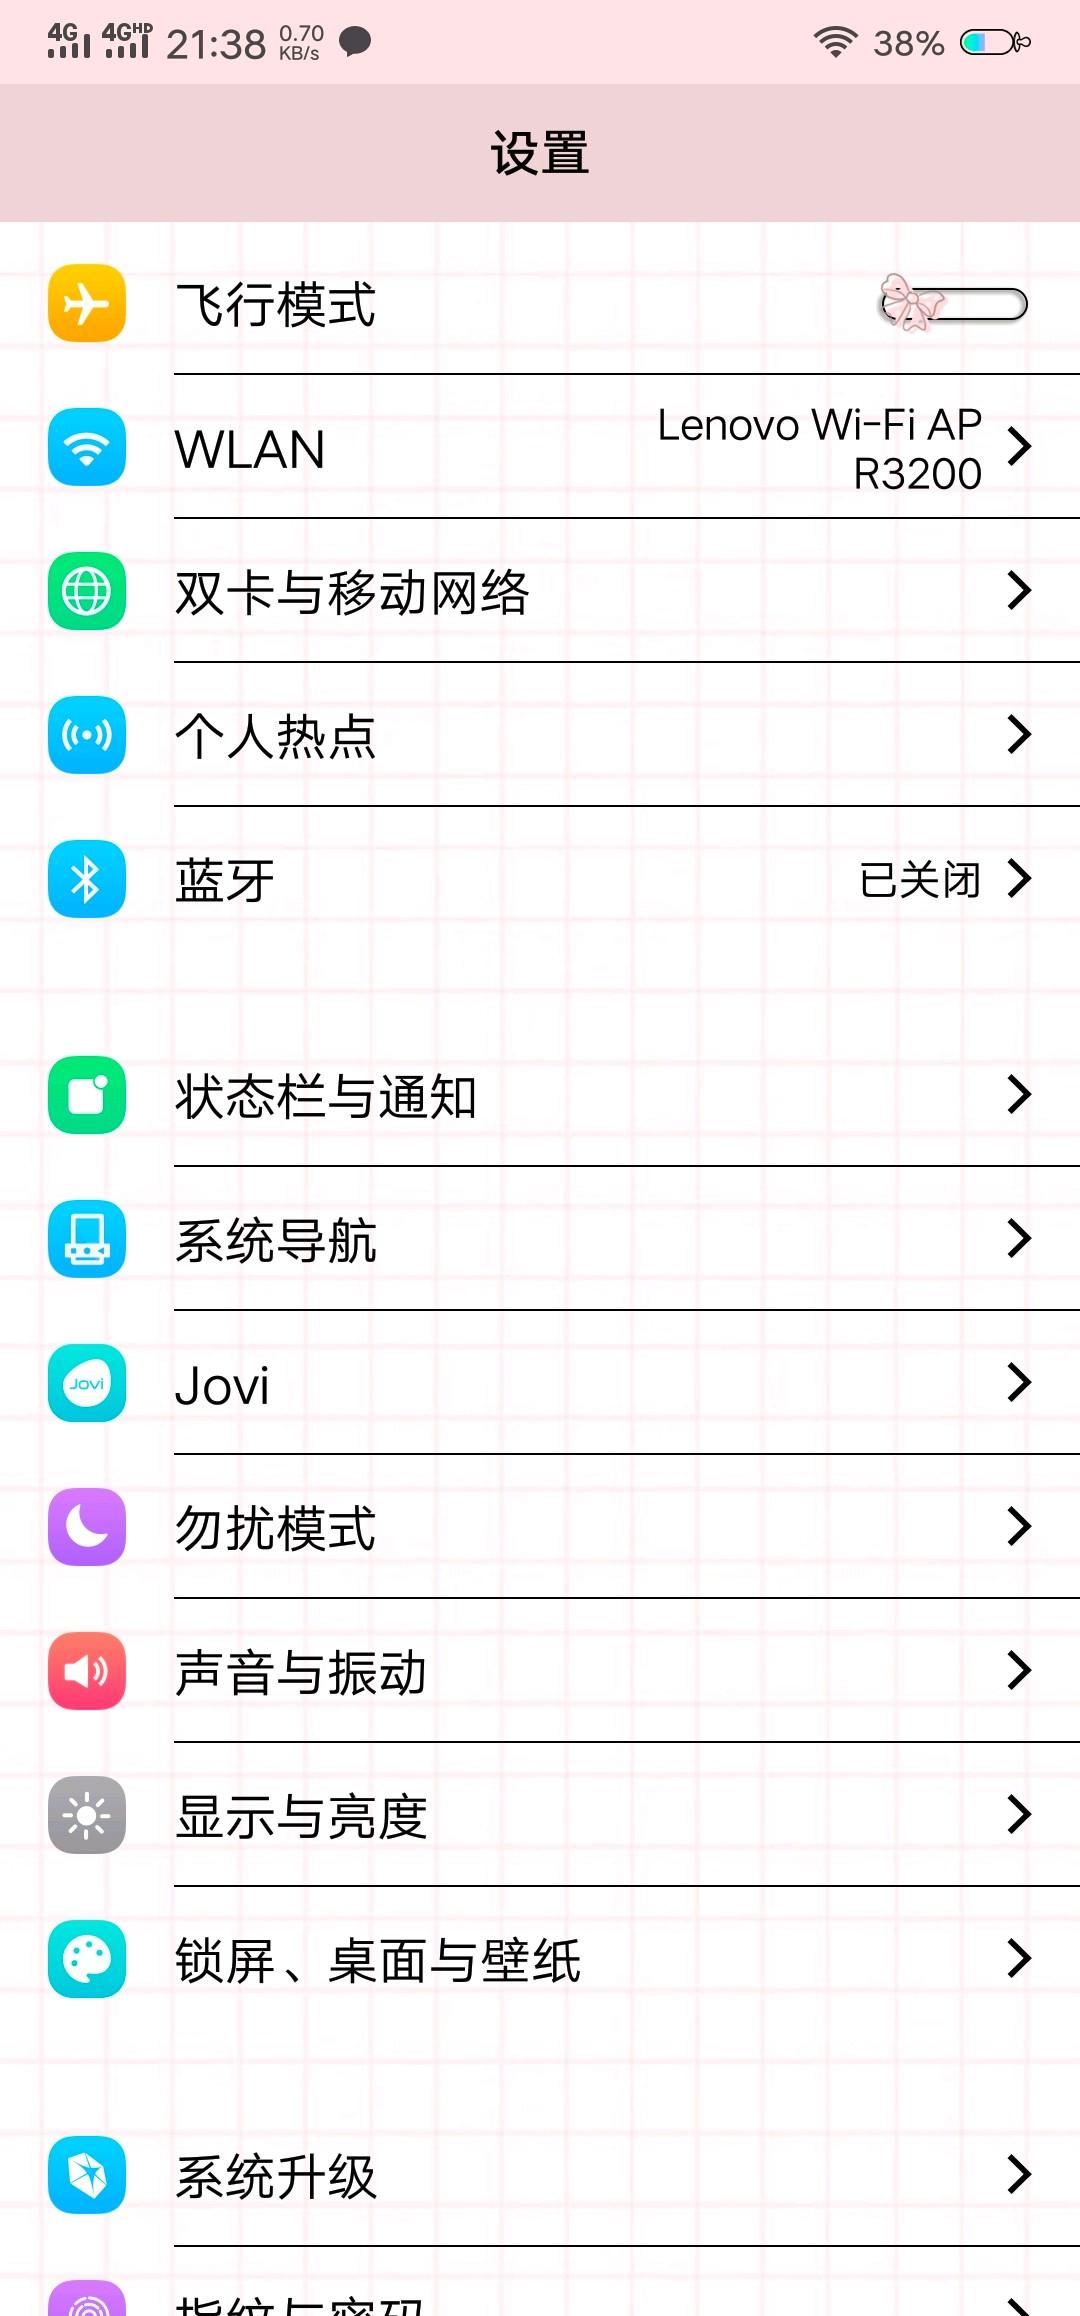 Screenshot_20181202_213853.jpg